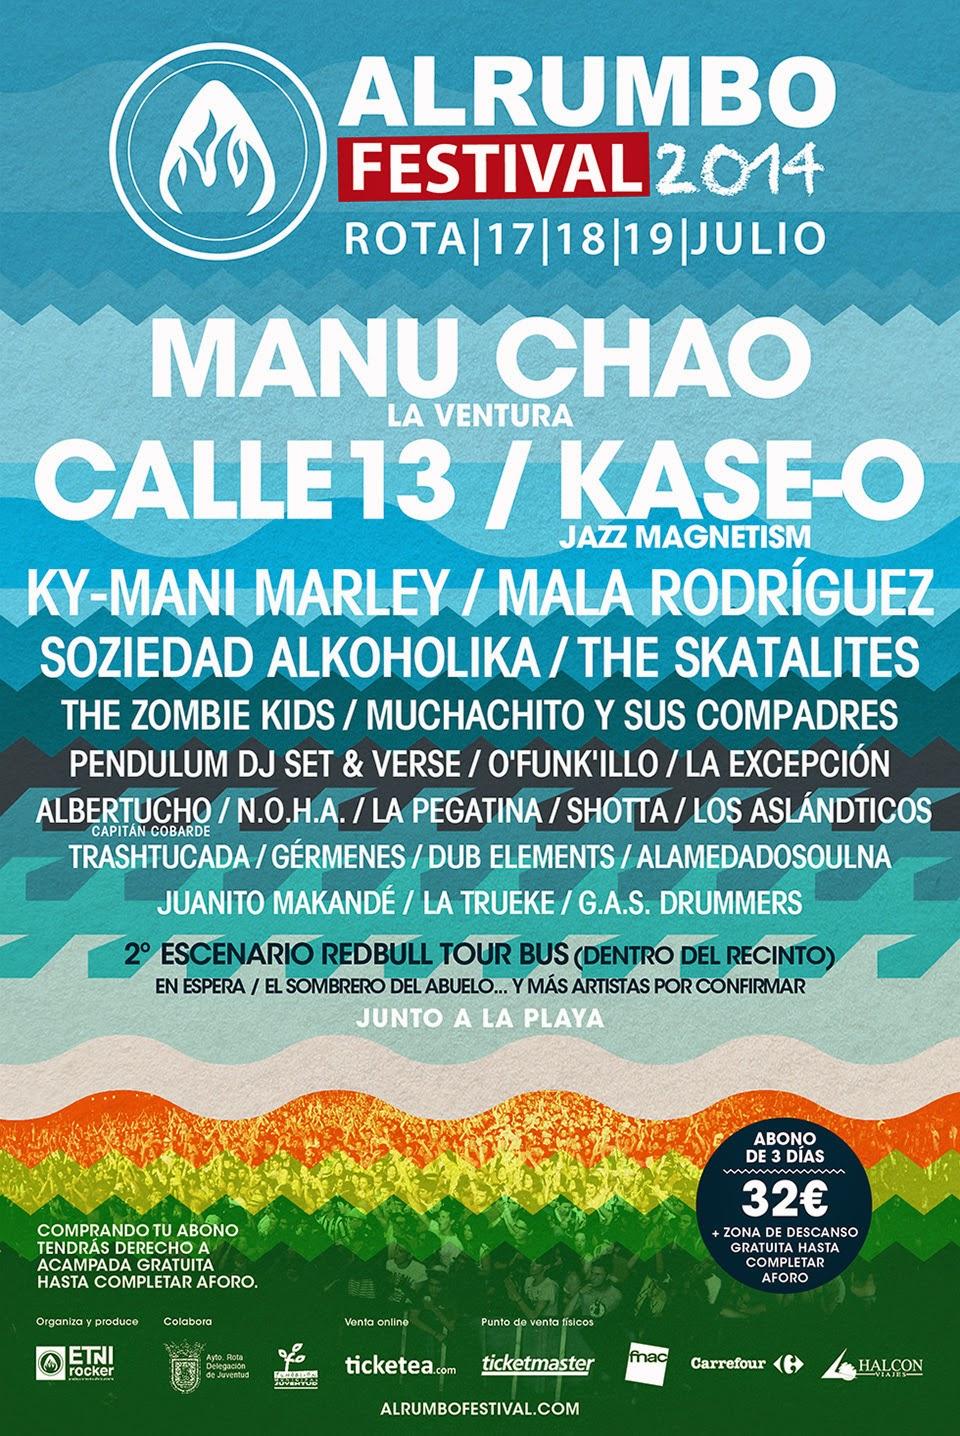 Al Rumbo, Festival, 2014, cartel